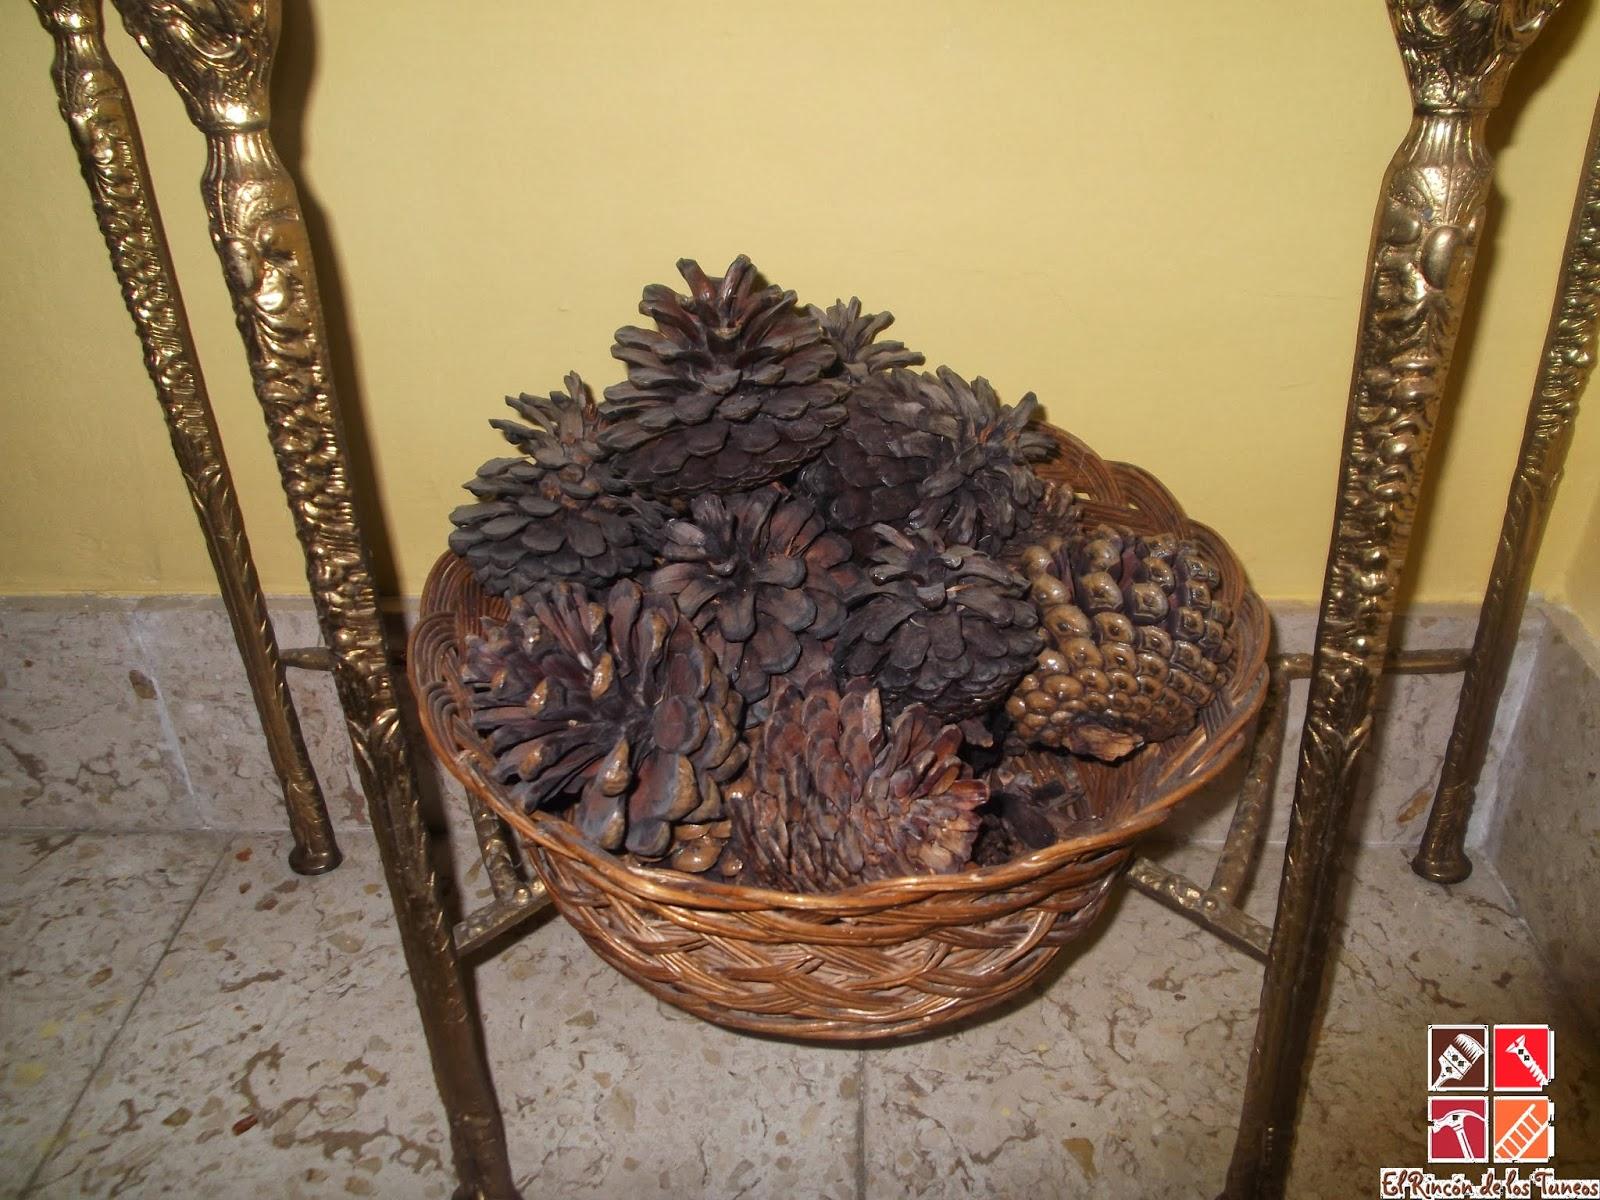 El rinc n de los tuneos como limpiar cestas de mimbre - Como adornar una cesta de mimbre ...